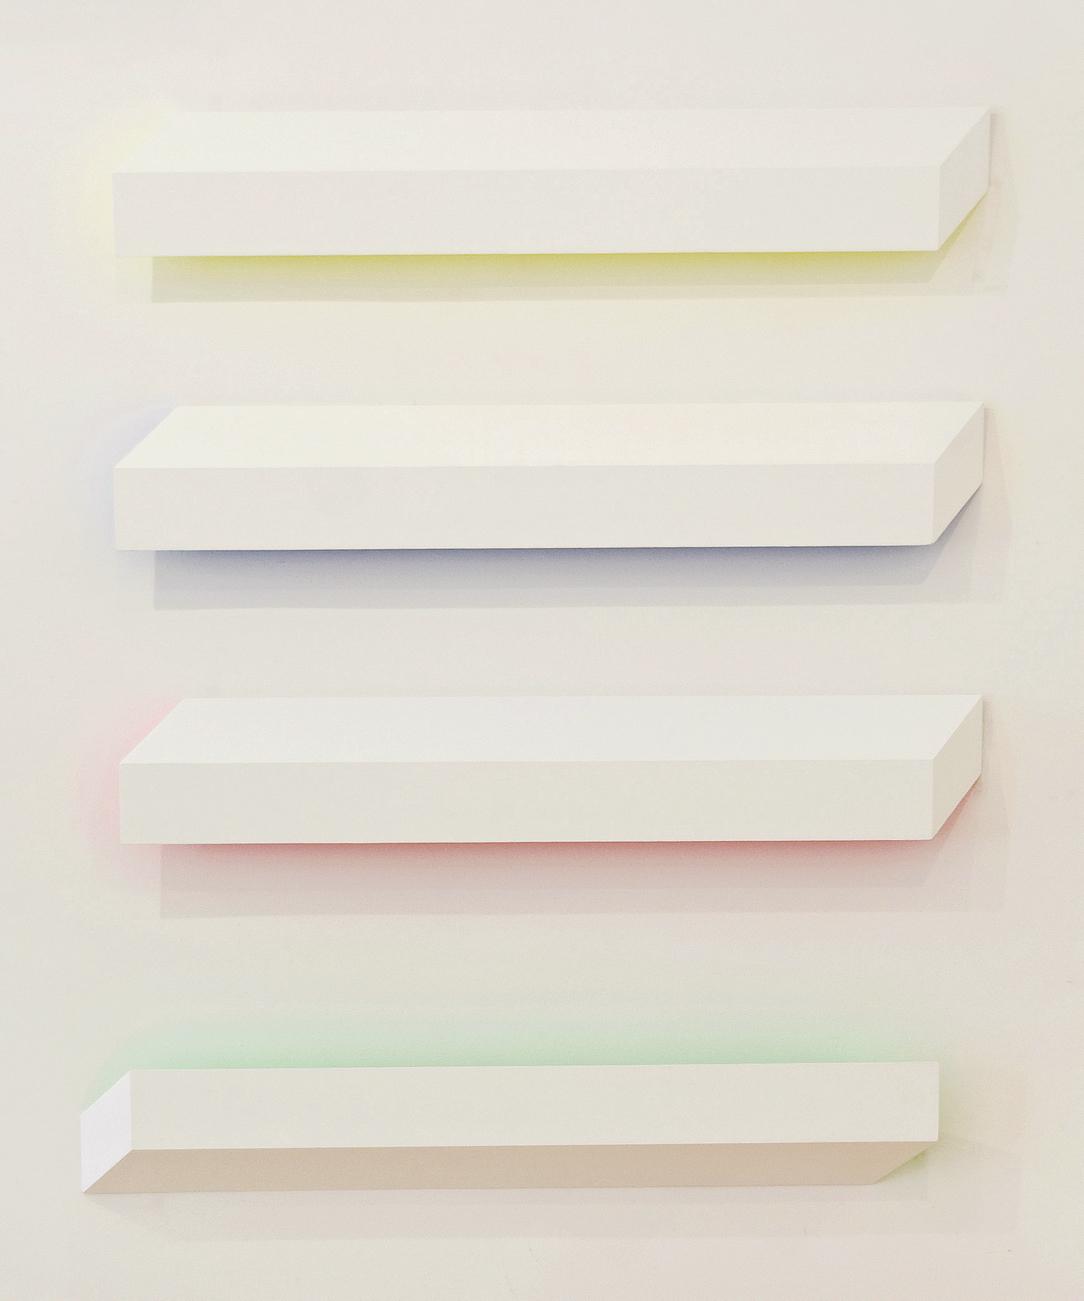 akril, les, 190 x 1600 cm, 2004-5